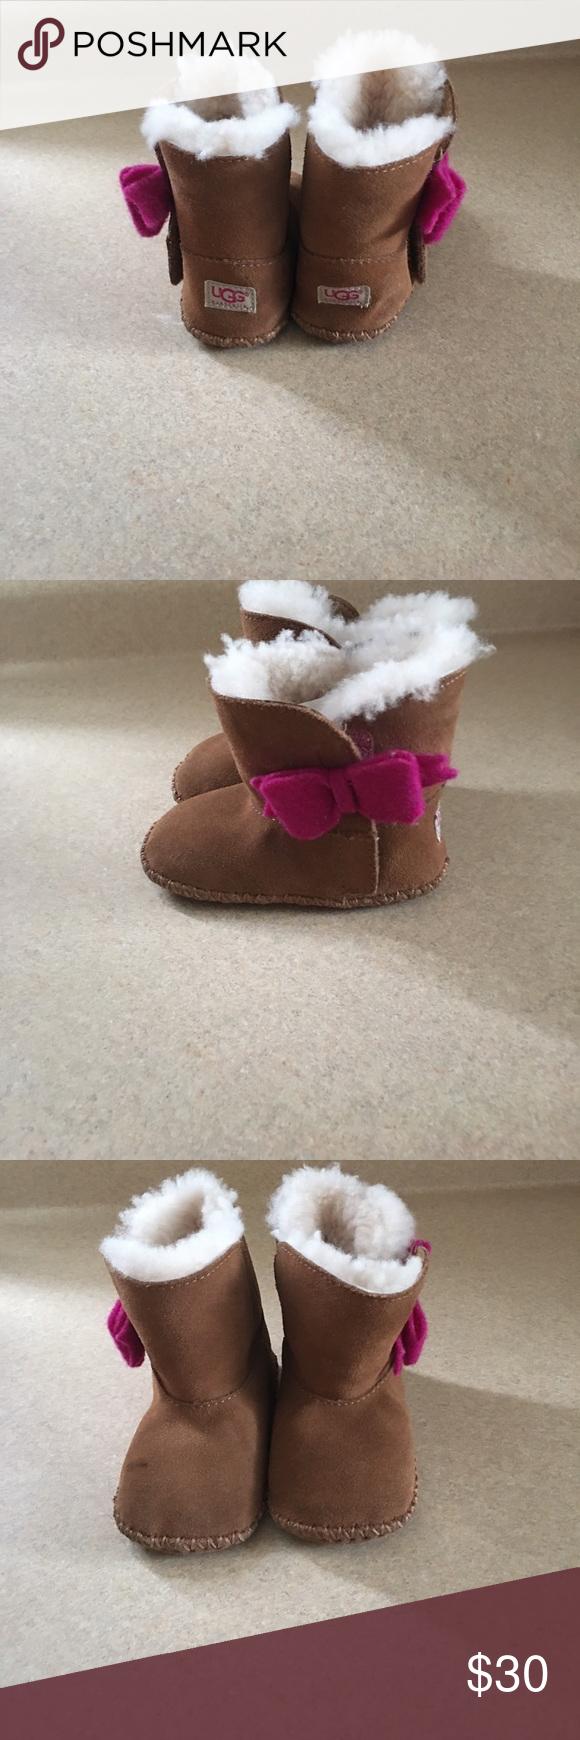 Girls ugg boots, Baby girl uggs